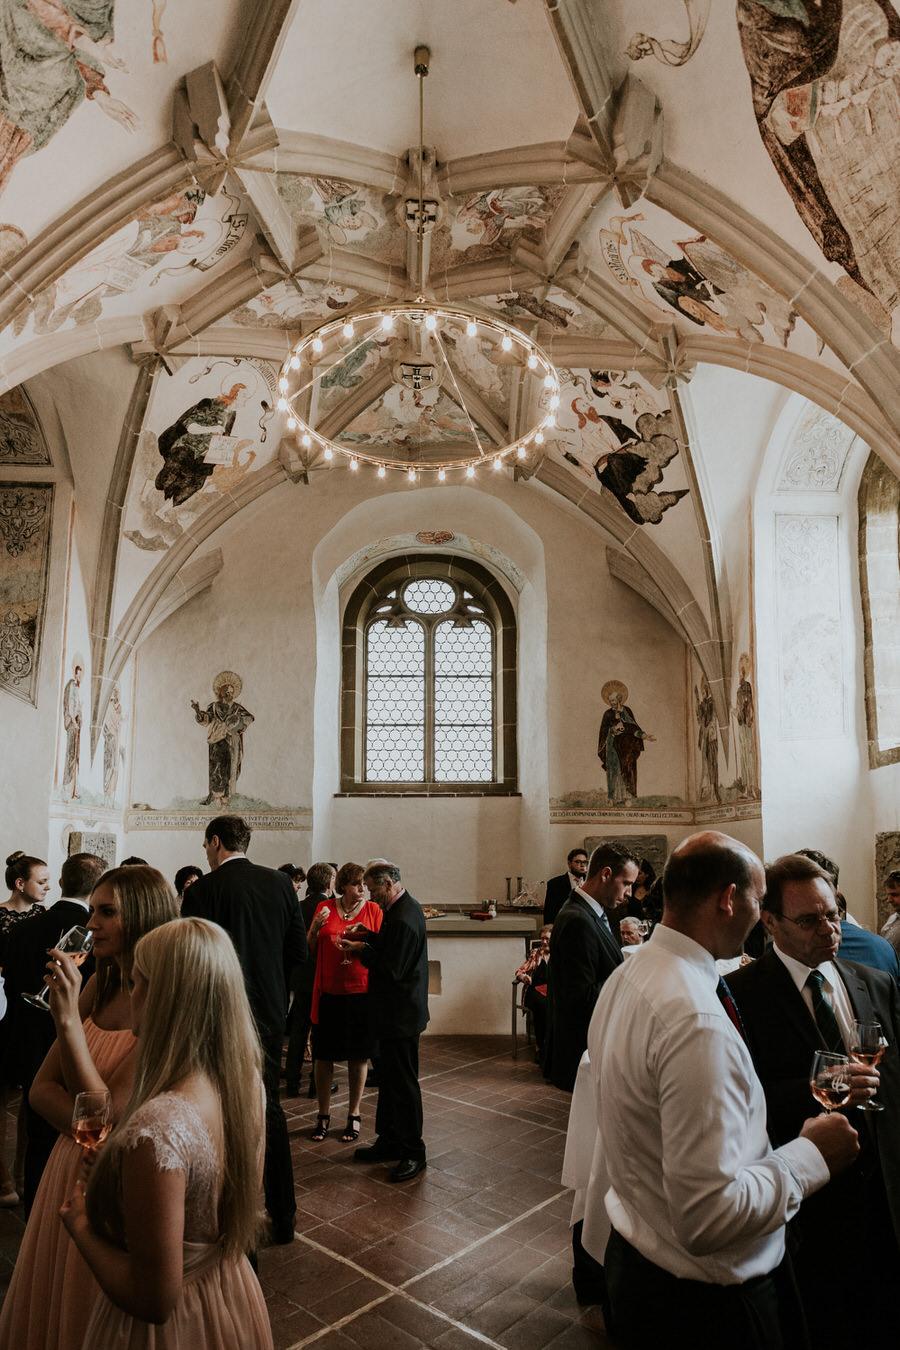 Kronleuchte und Wandgemaelde beim Sektempfang im Schloss Kapfenburg